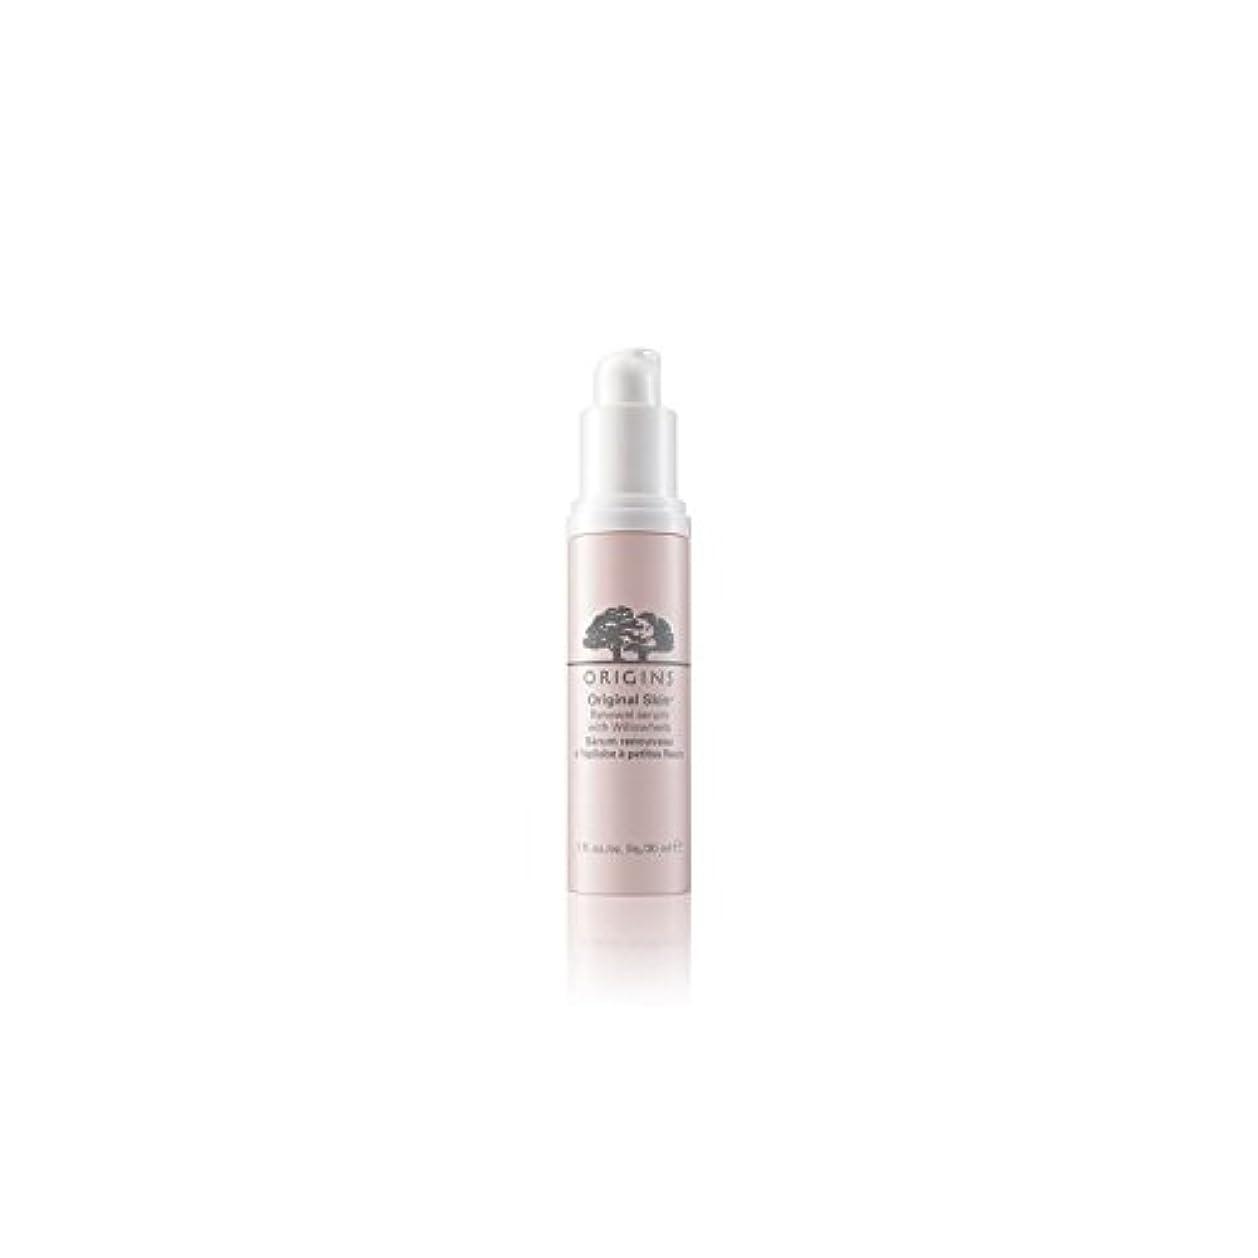 可能バング書き込みOrigins Original Skin Renewal Serum With Willowherb 30ml - 30ミリリットルとの起源は、オリジナルスキンリニューアル血清 [並行輸入品]